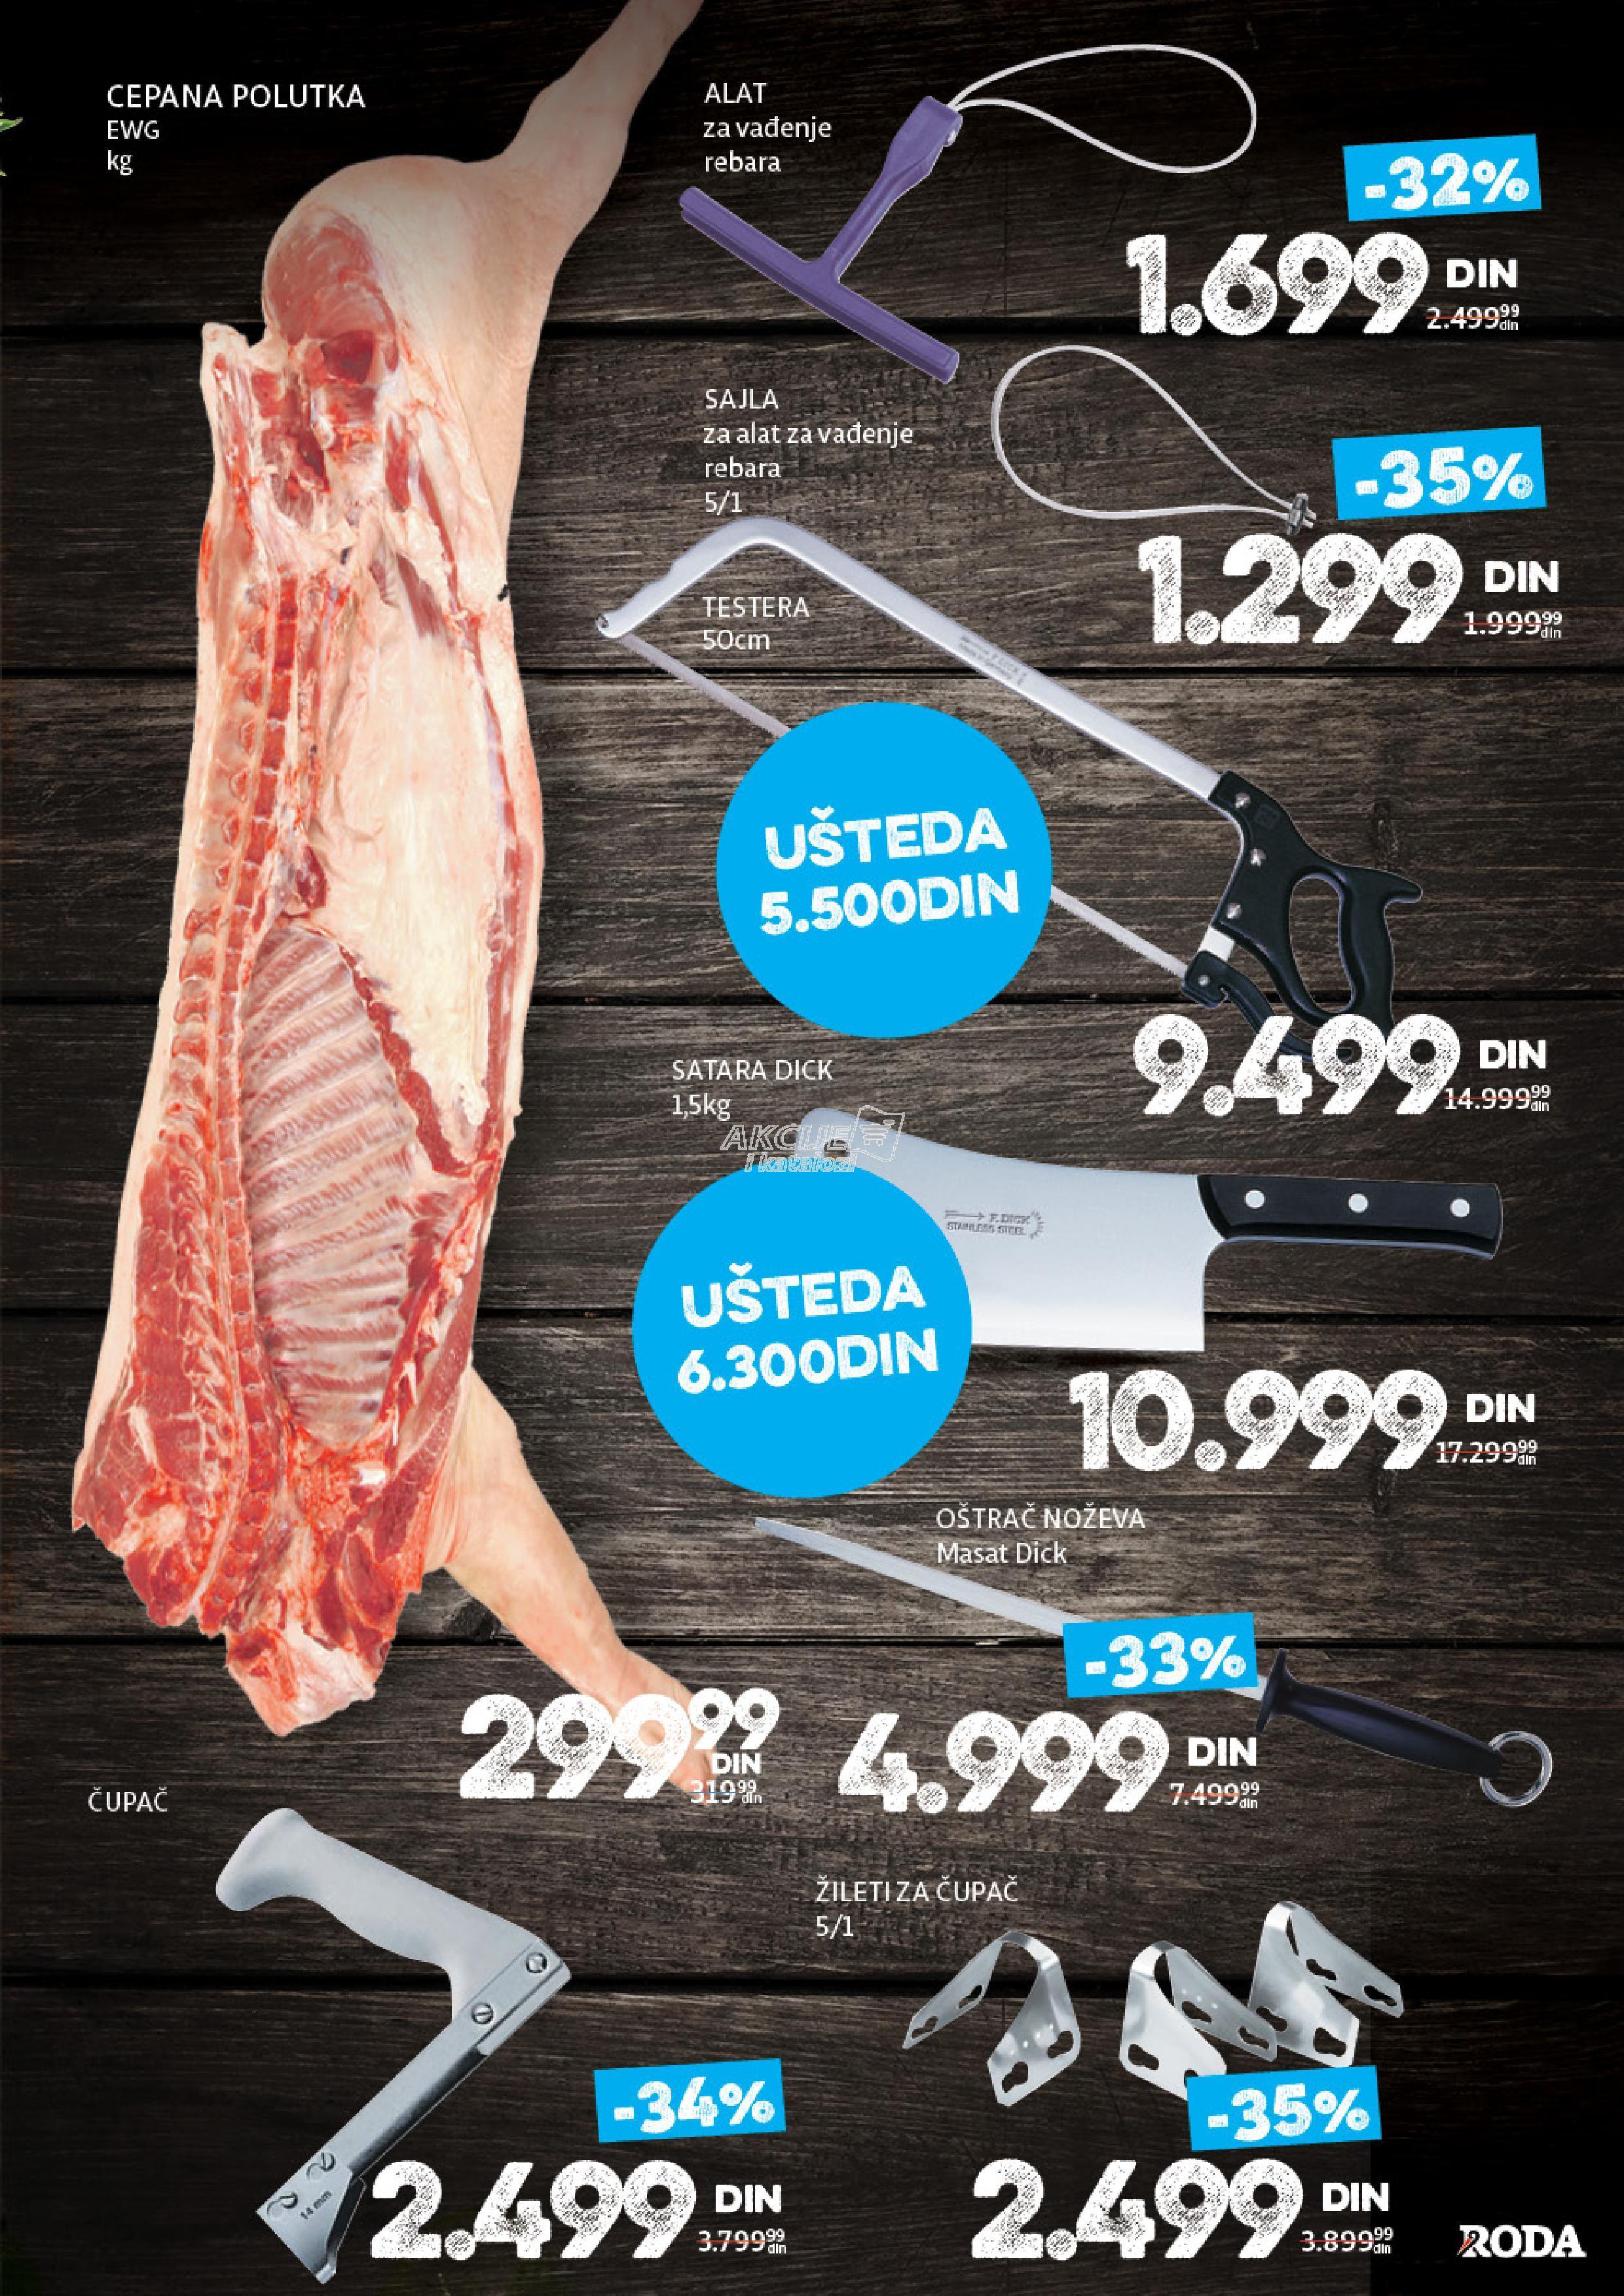 Roda akcija sve za sušenje mesa